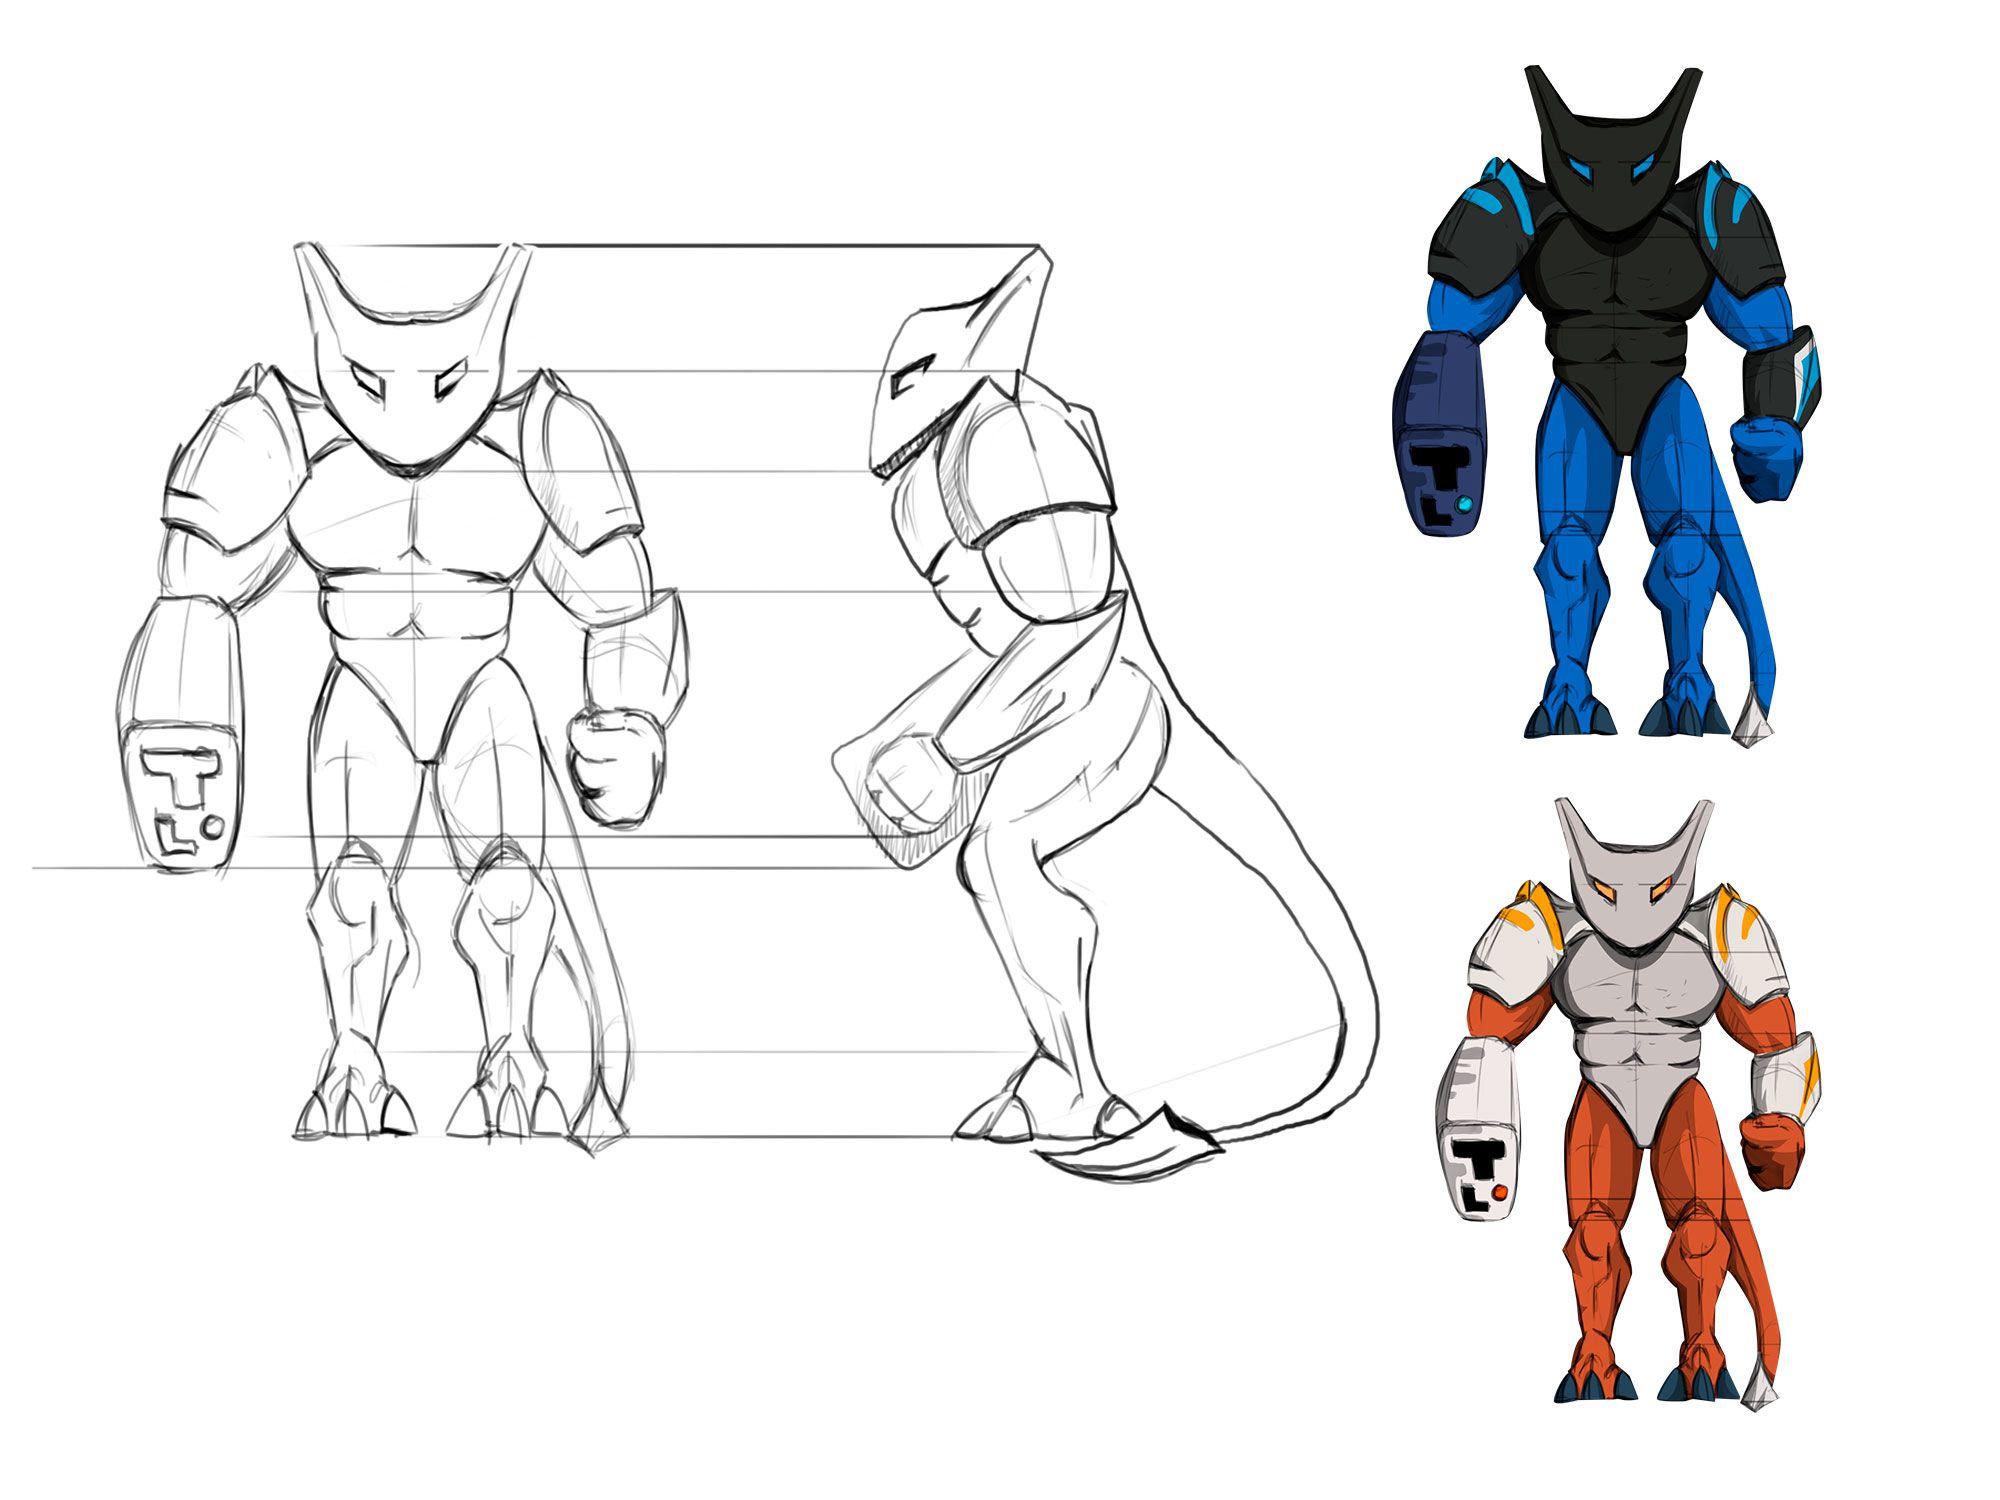 Нужен скетч персонажа для игры - дизайнер Martins206